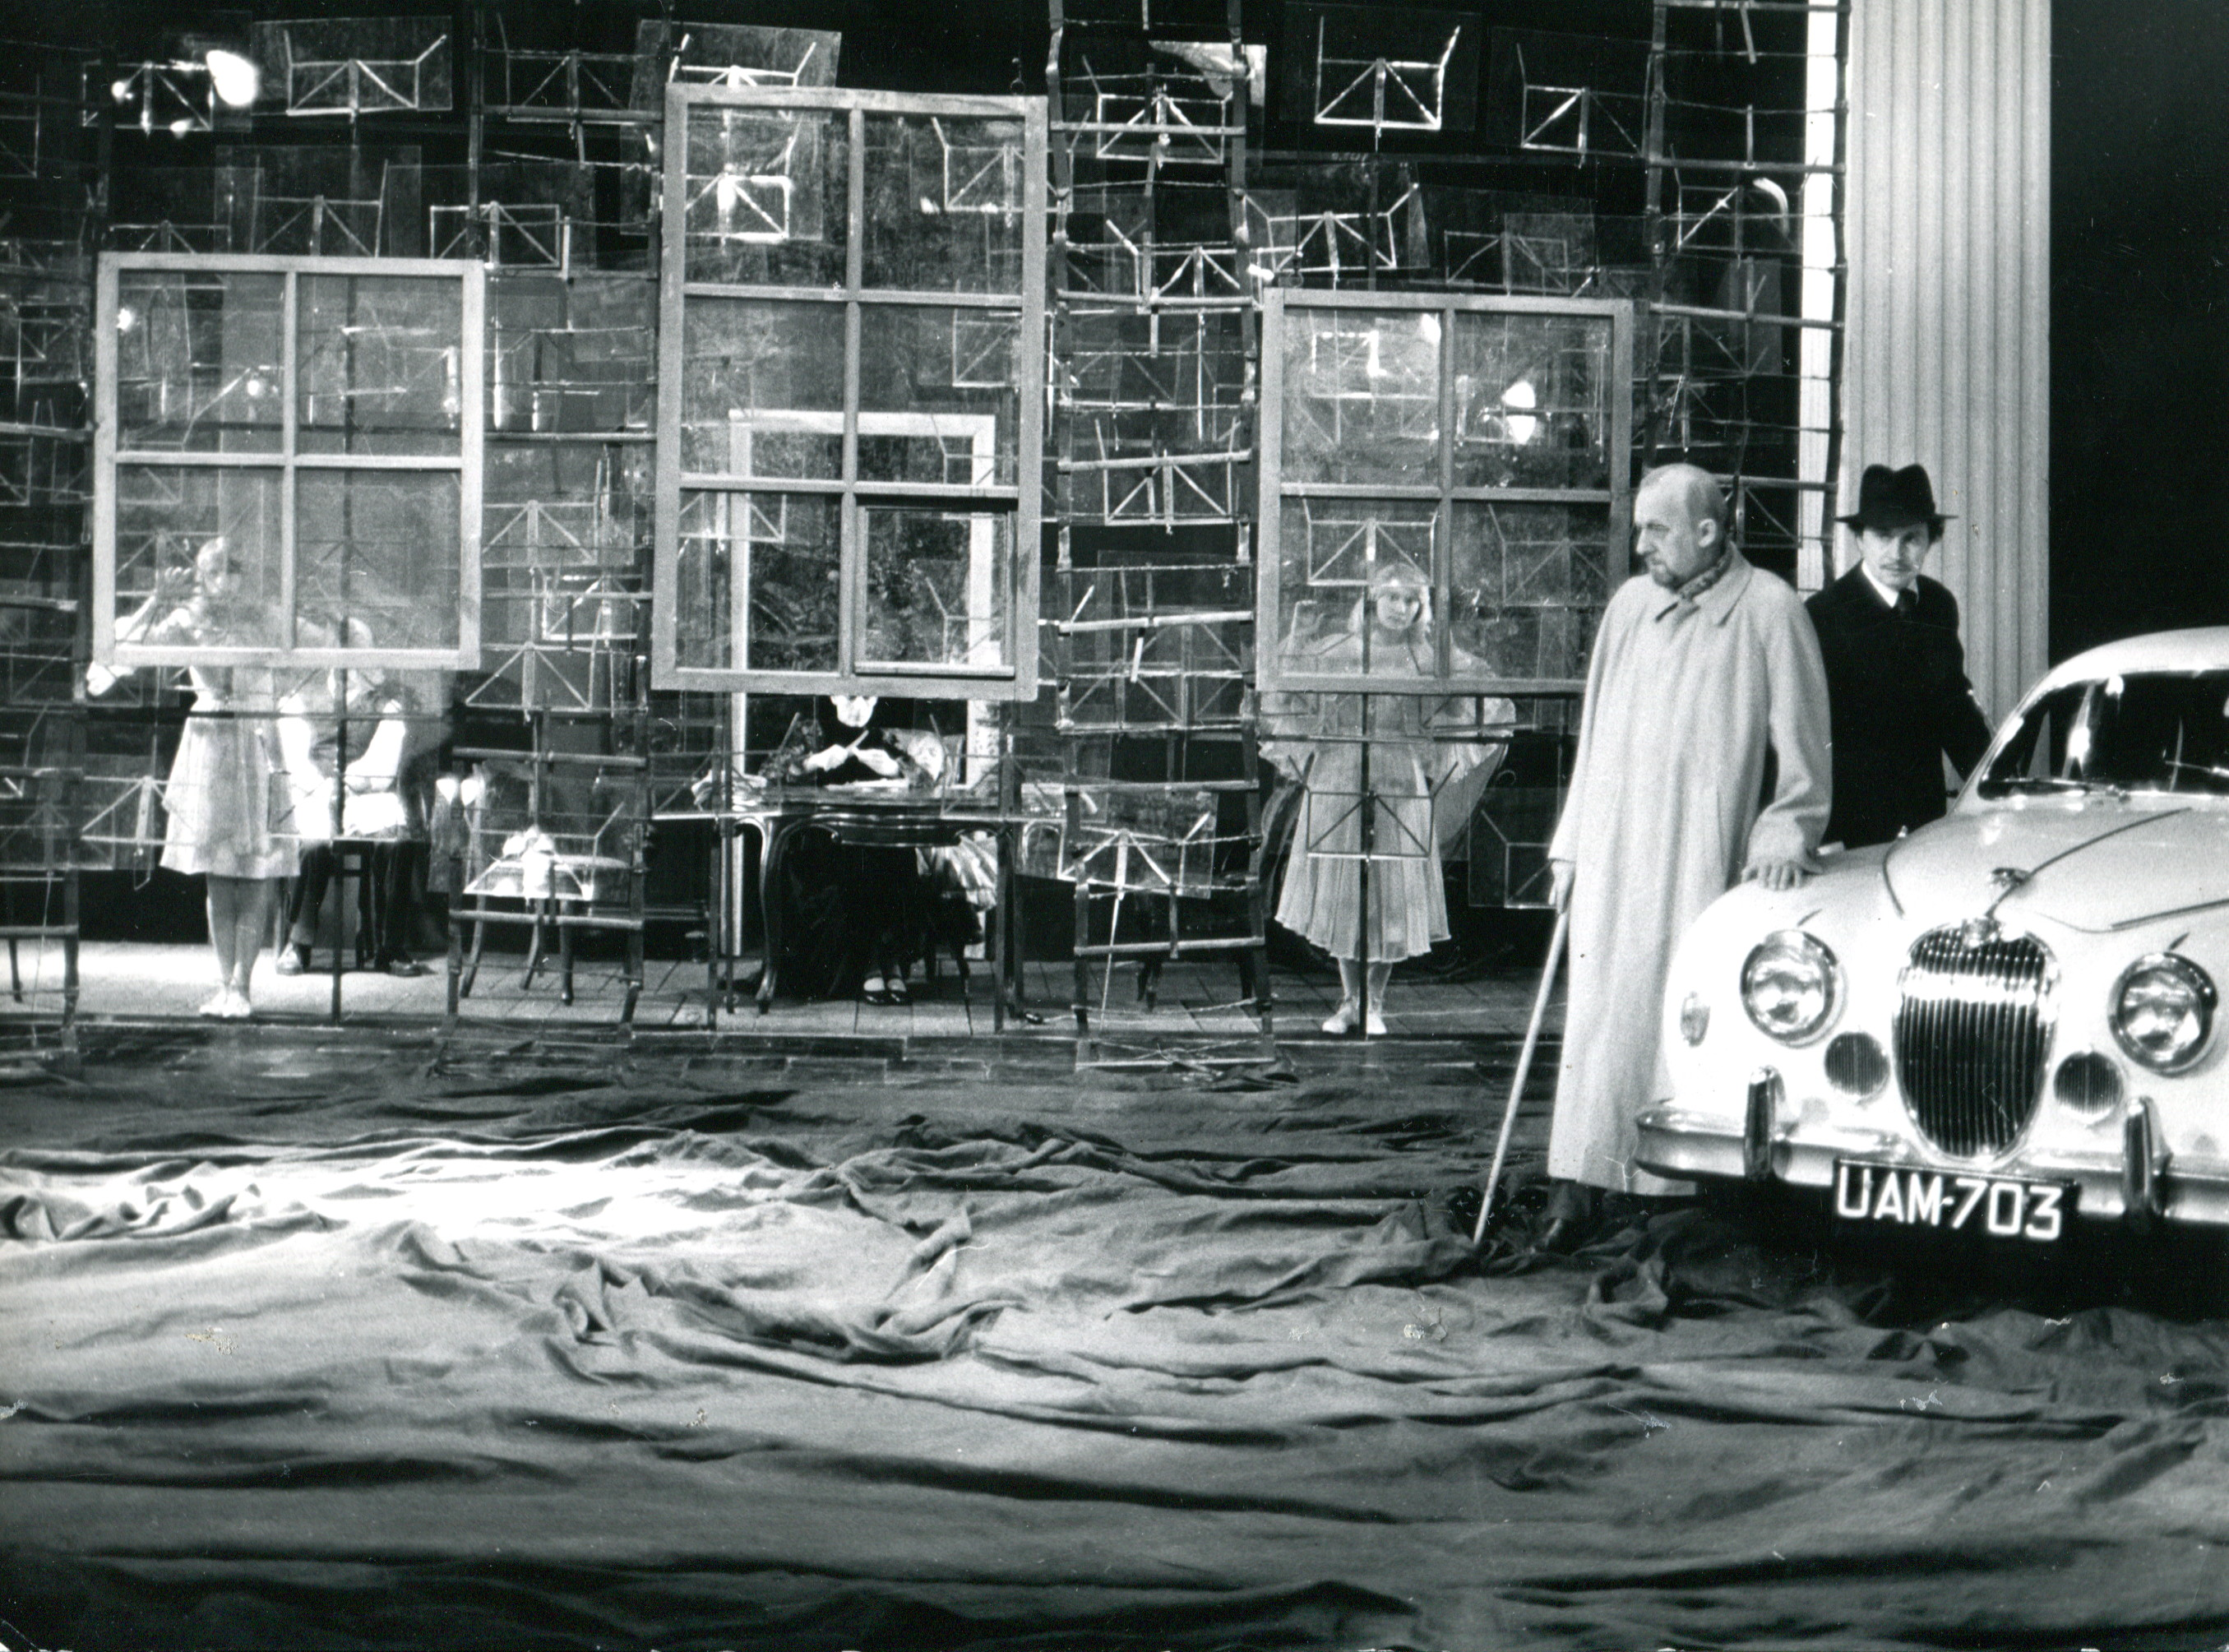 <i>Interior</i> Maurice Maeterlinck/<i>Varsovian Anthem</i> Stanisław Wyspiański, dir. Jerzy Grzegorzewski, premiere: 6 March 1976, Stefan Jaracz Theatre, Łódź, Photo: Andrzej Brustman. Source: Encyklopedia Teatru Polskiego.